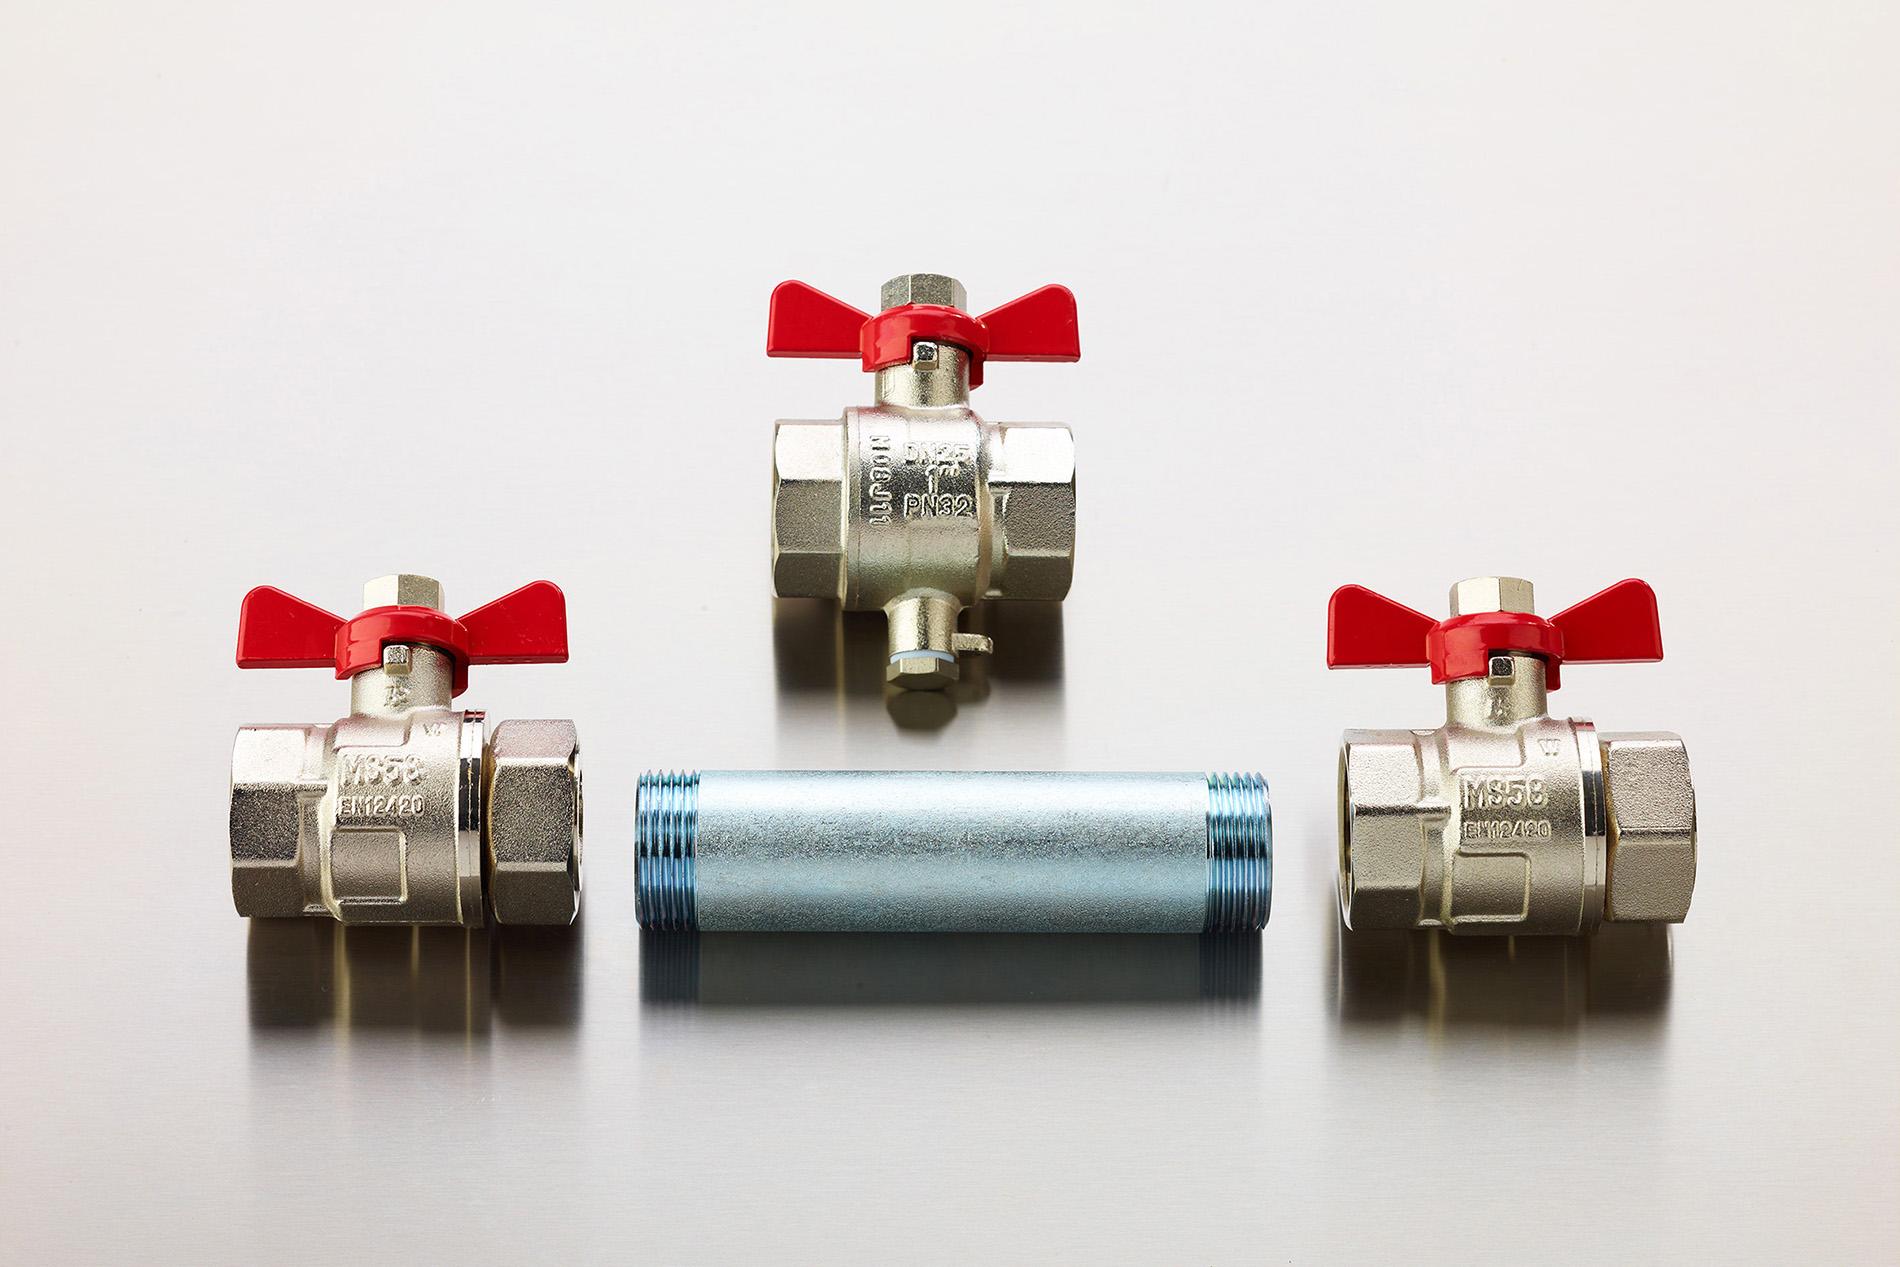 Fotodesign-matthias-schütz-ventile-stahlrohr